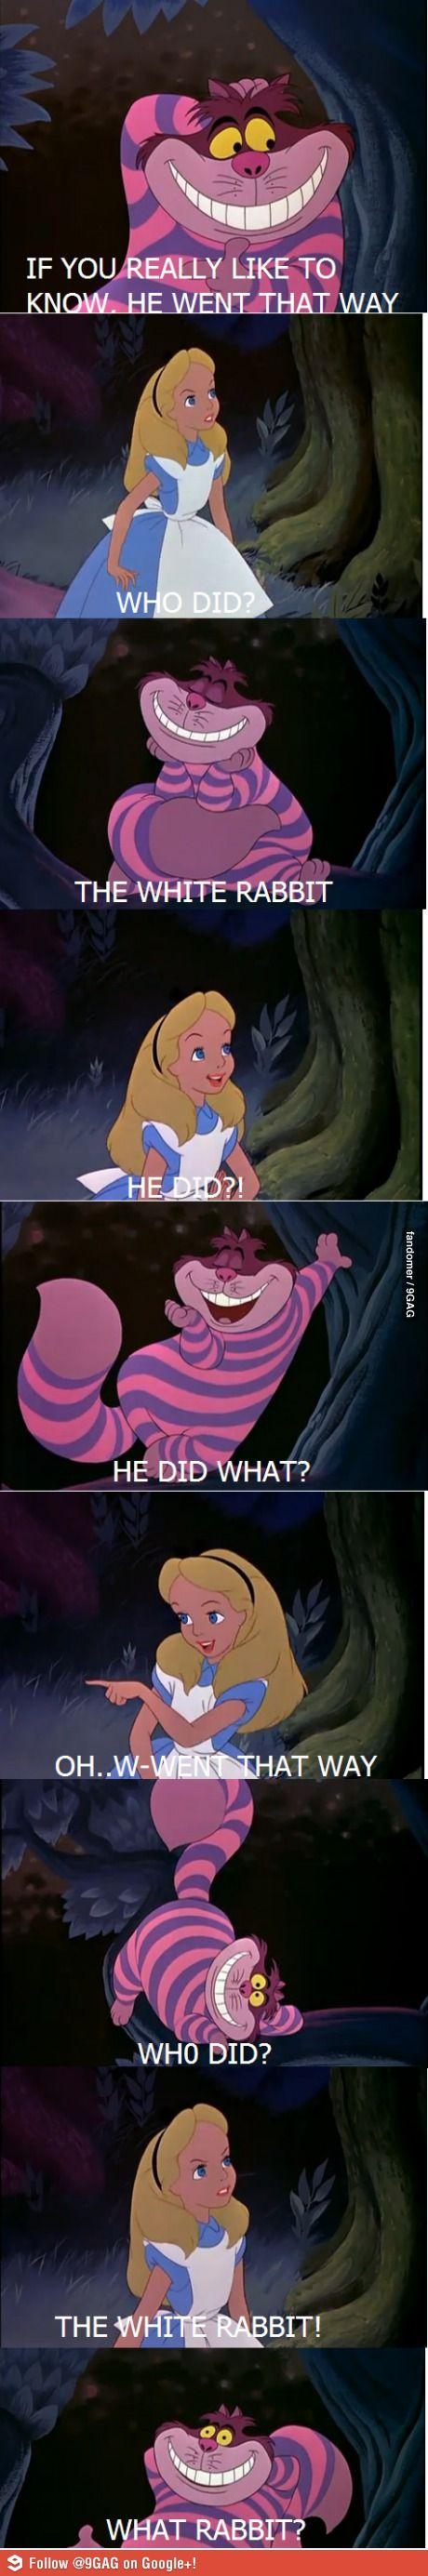 Love the Cheshire Cat!